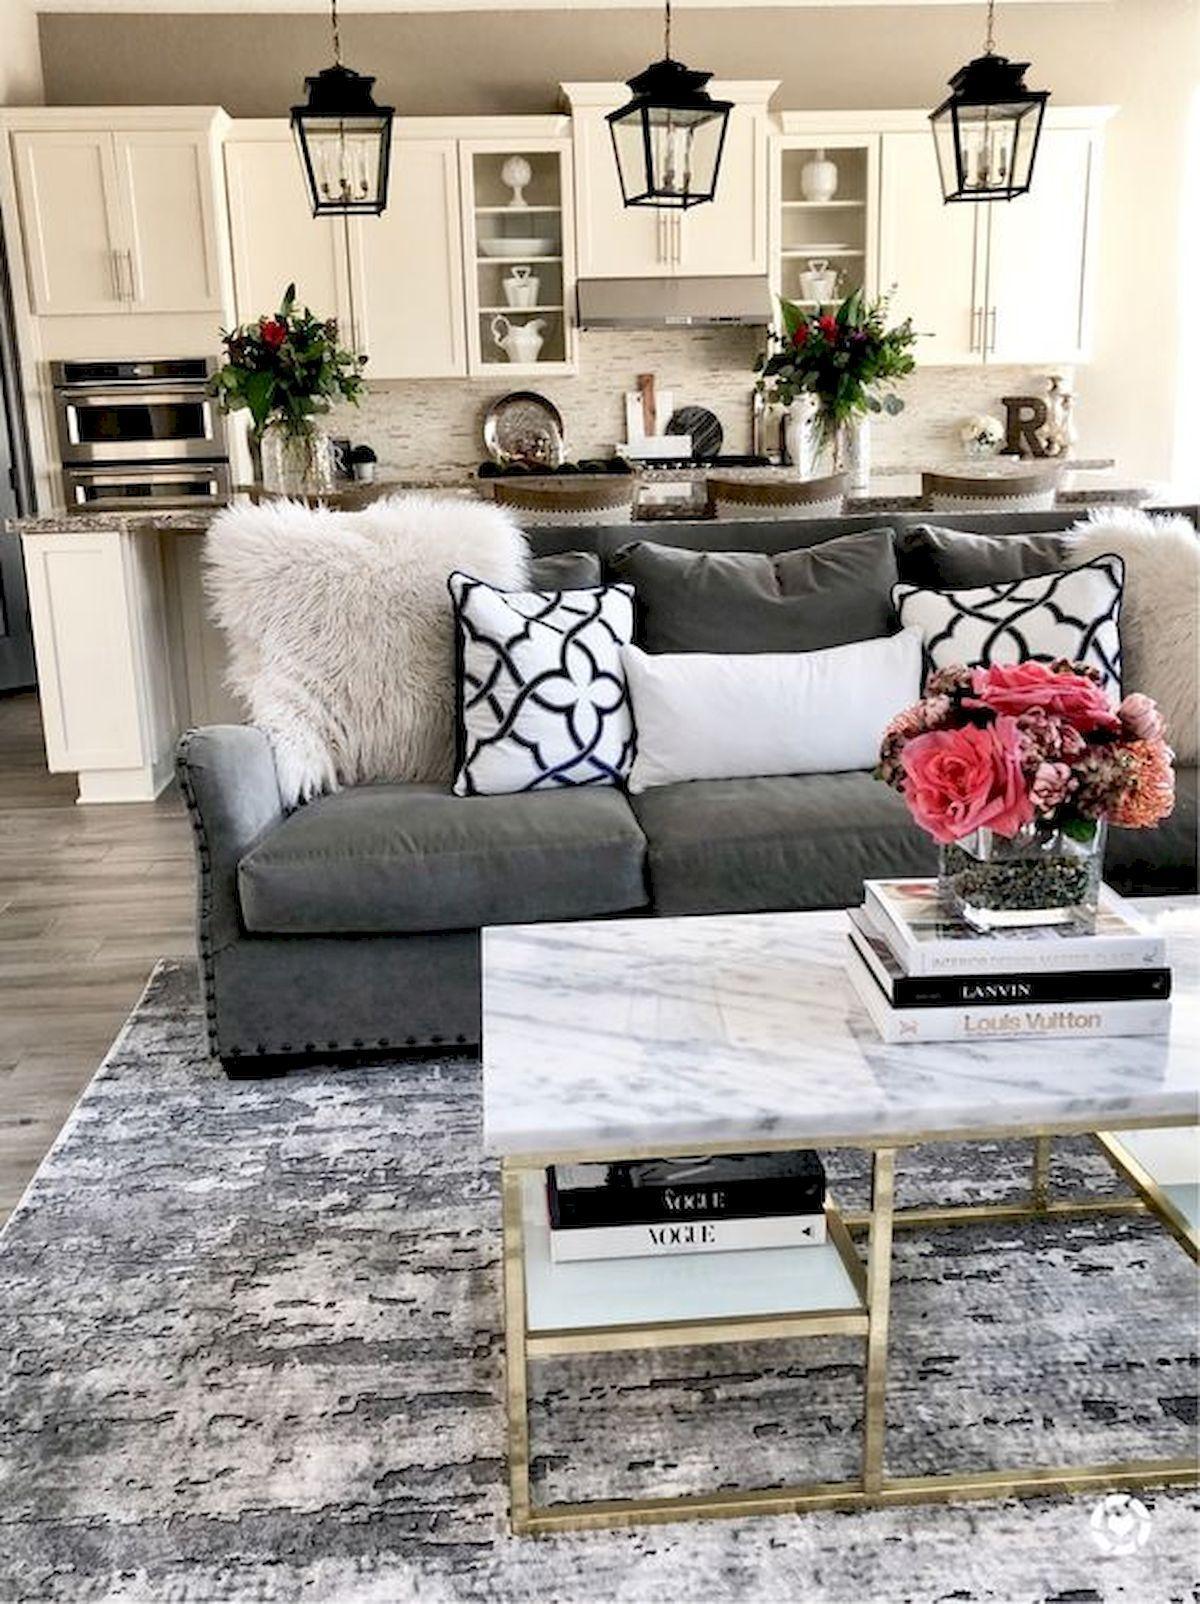 33 Inspiring Modern Farmhouse Rugs Decor Ideas And Design33decor Farm House Living Room Living Room Sofa Design Living Room Grey